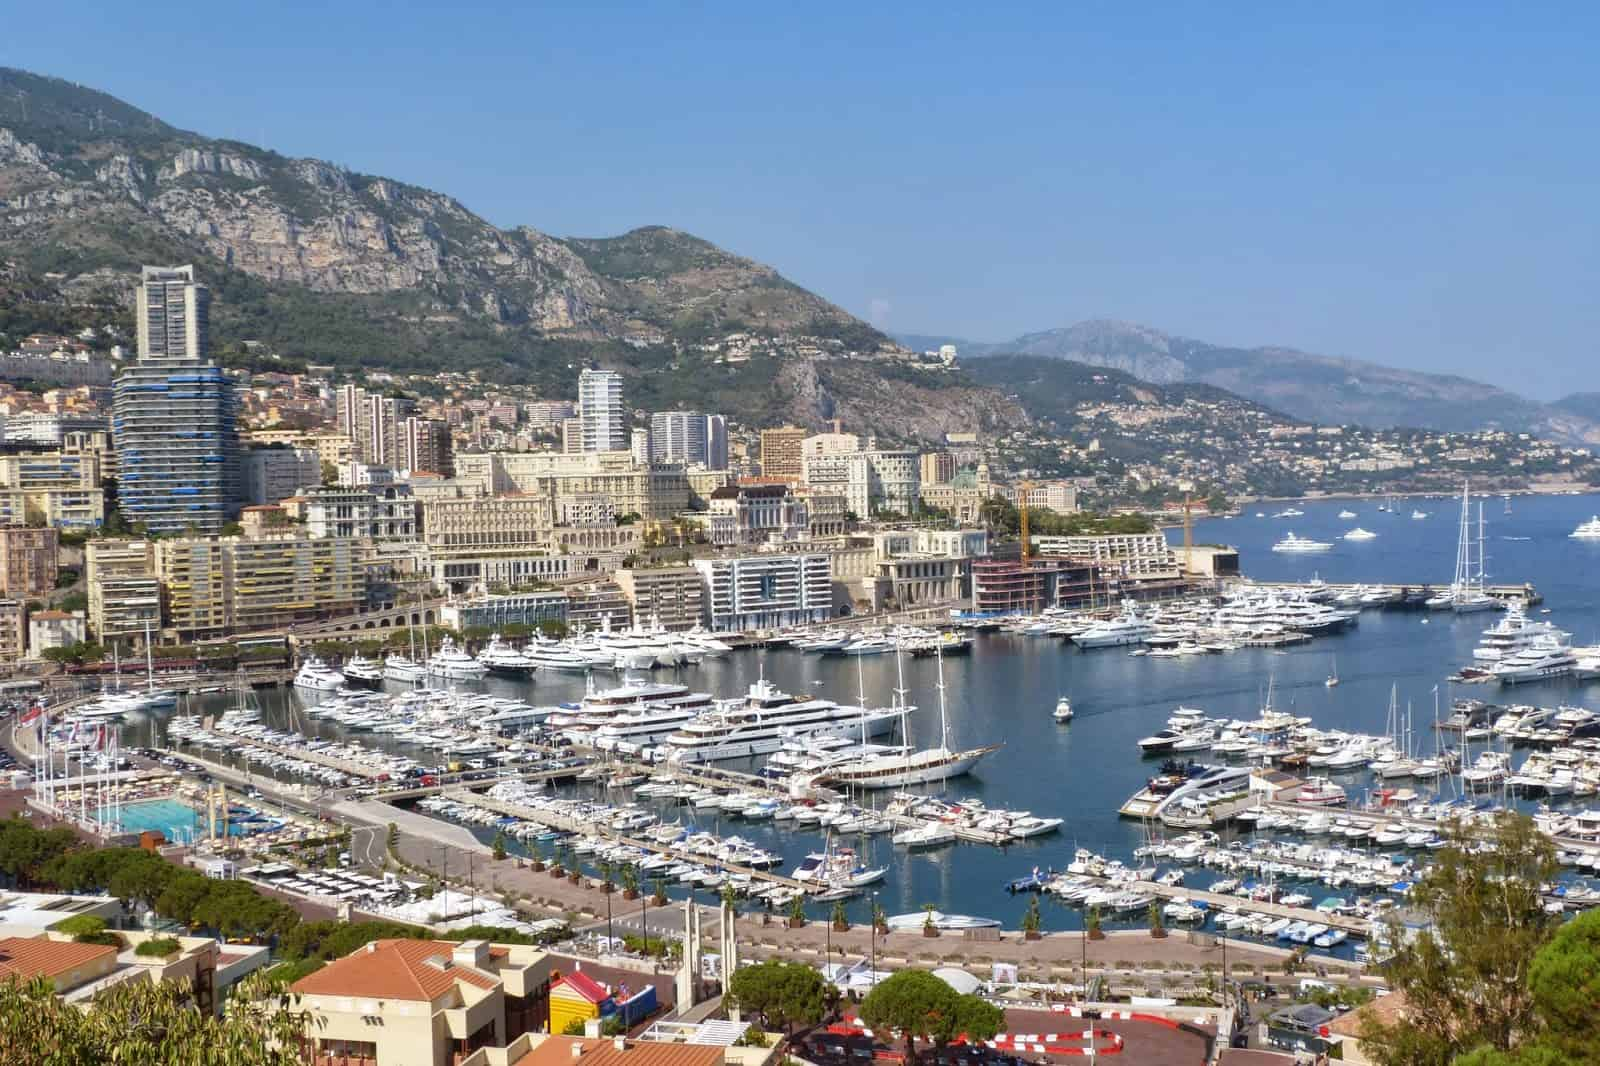 Observando el lujo de lejos, Mónaco.